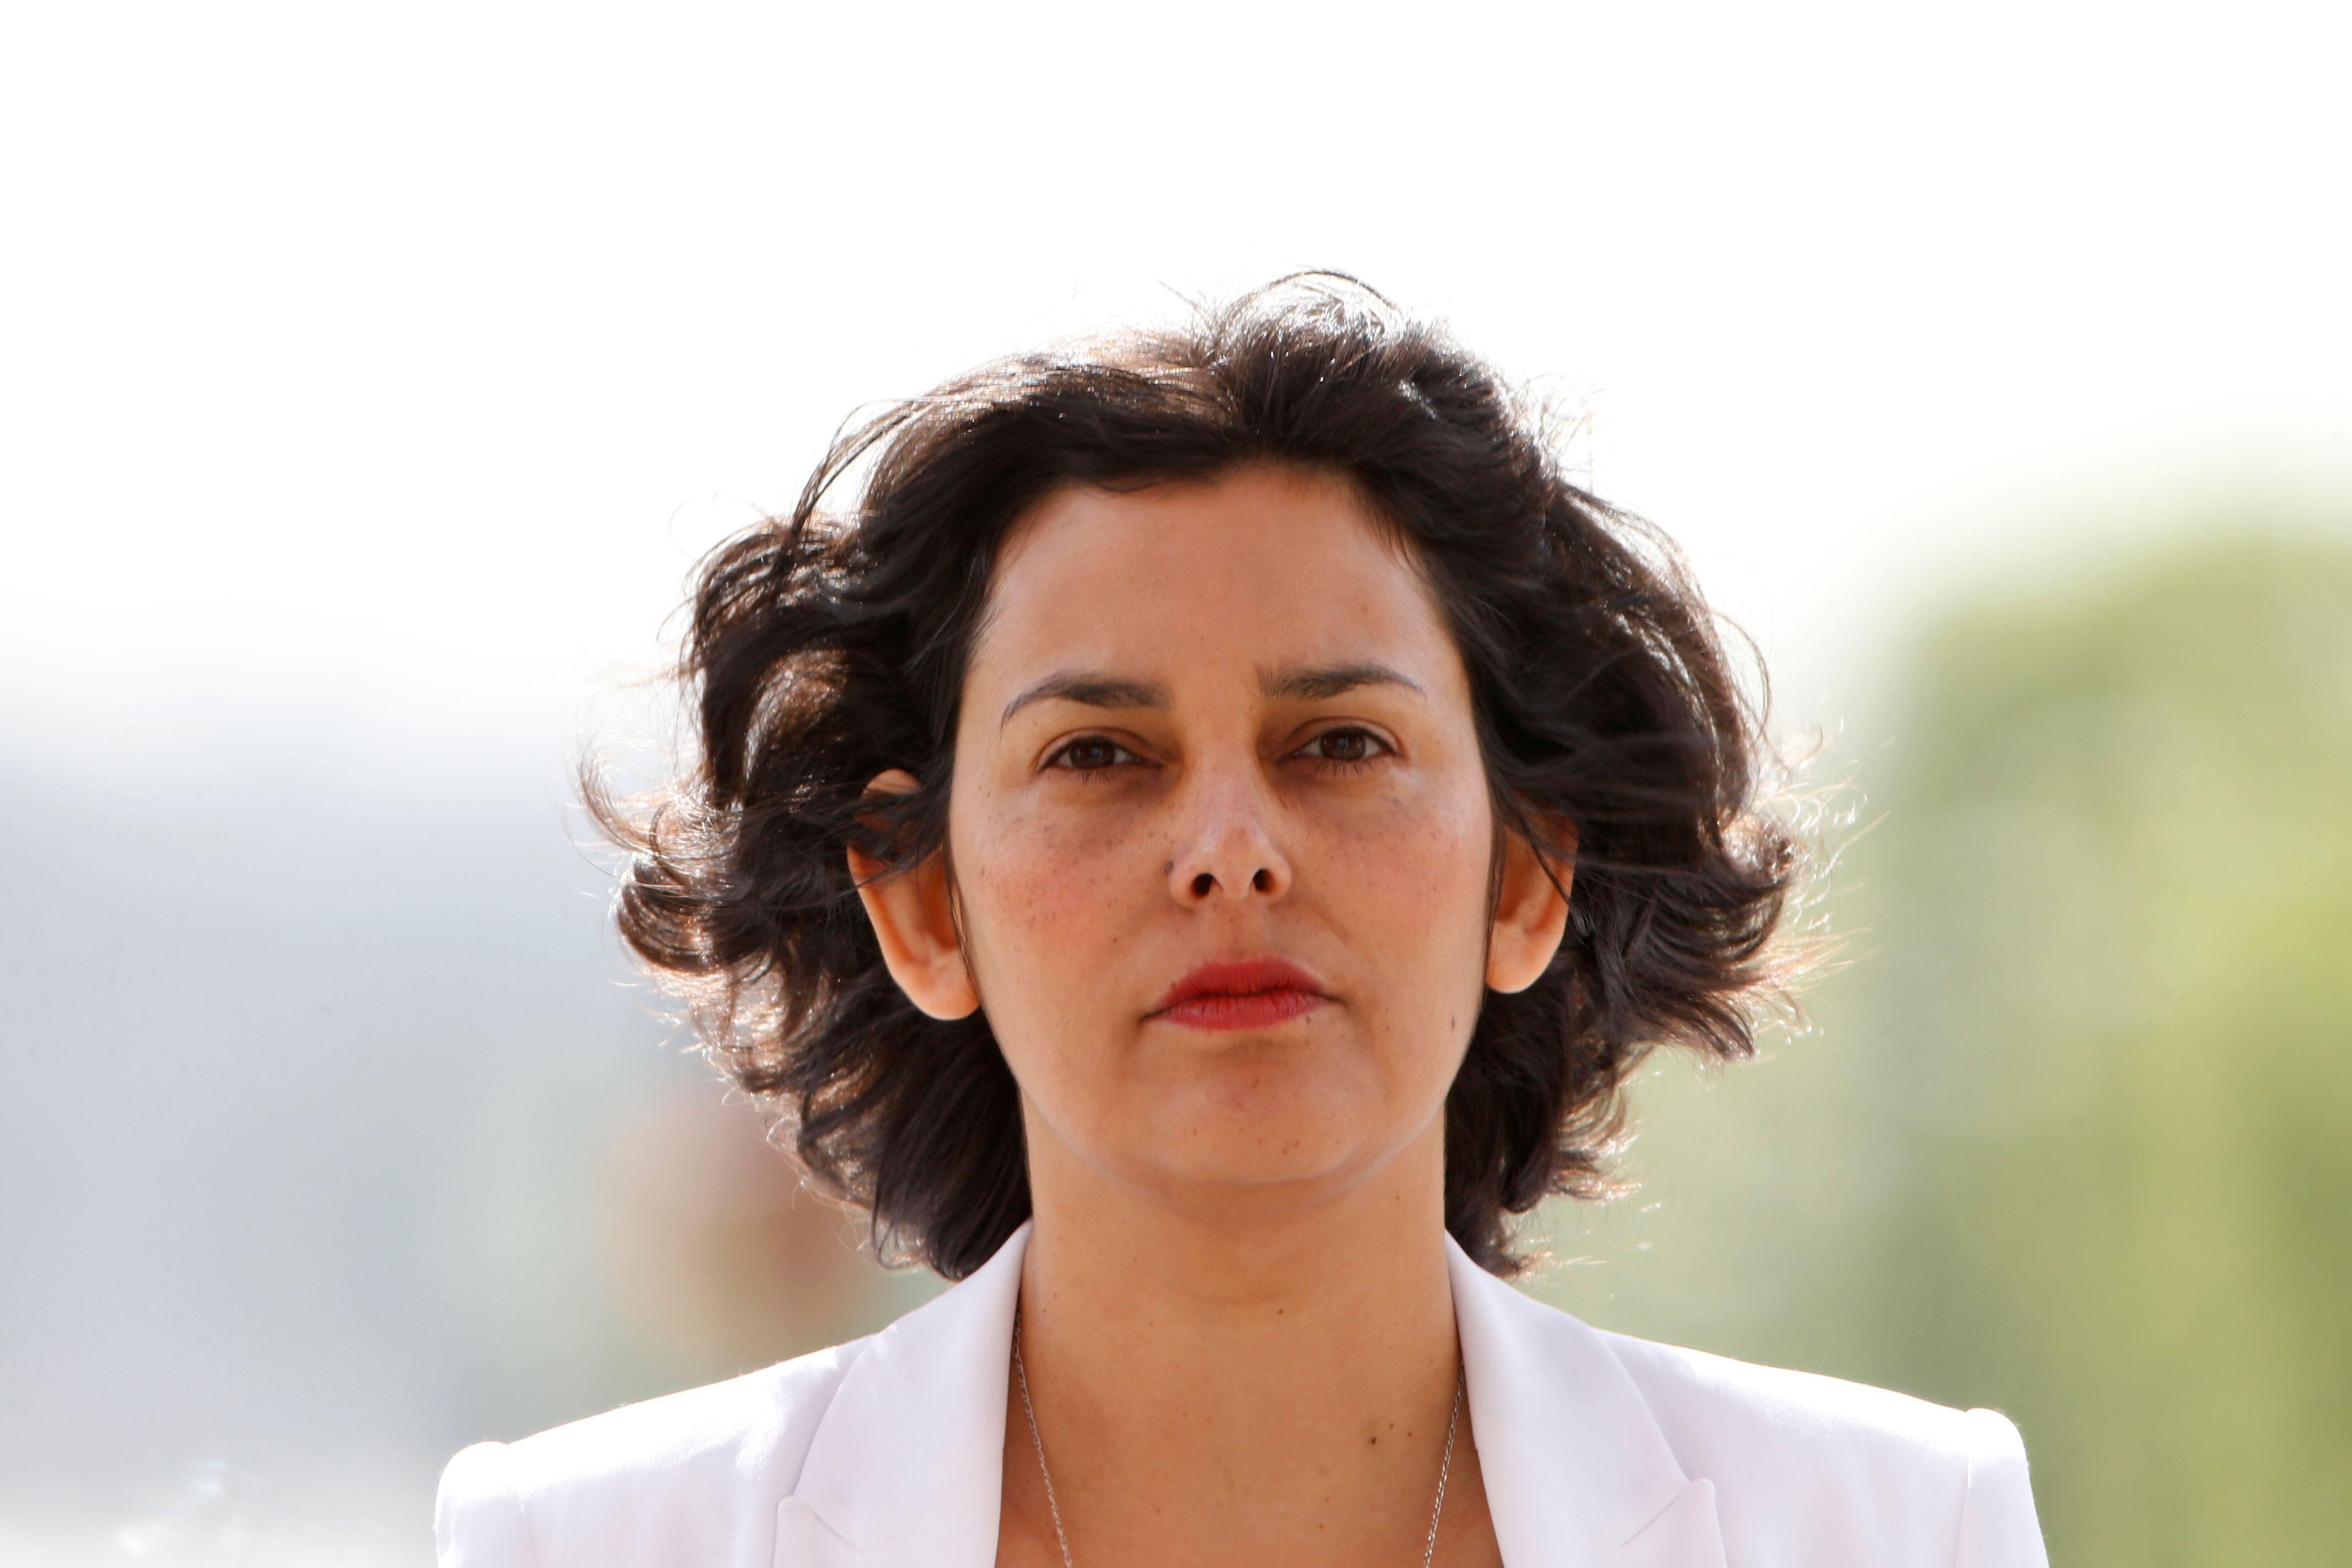 Myriam El Khomri remplace, à la surprise générale, François Rebsamen, maire de Dijon.